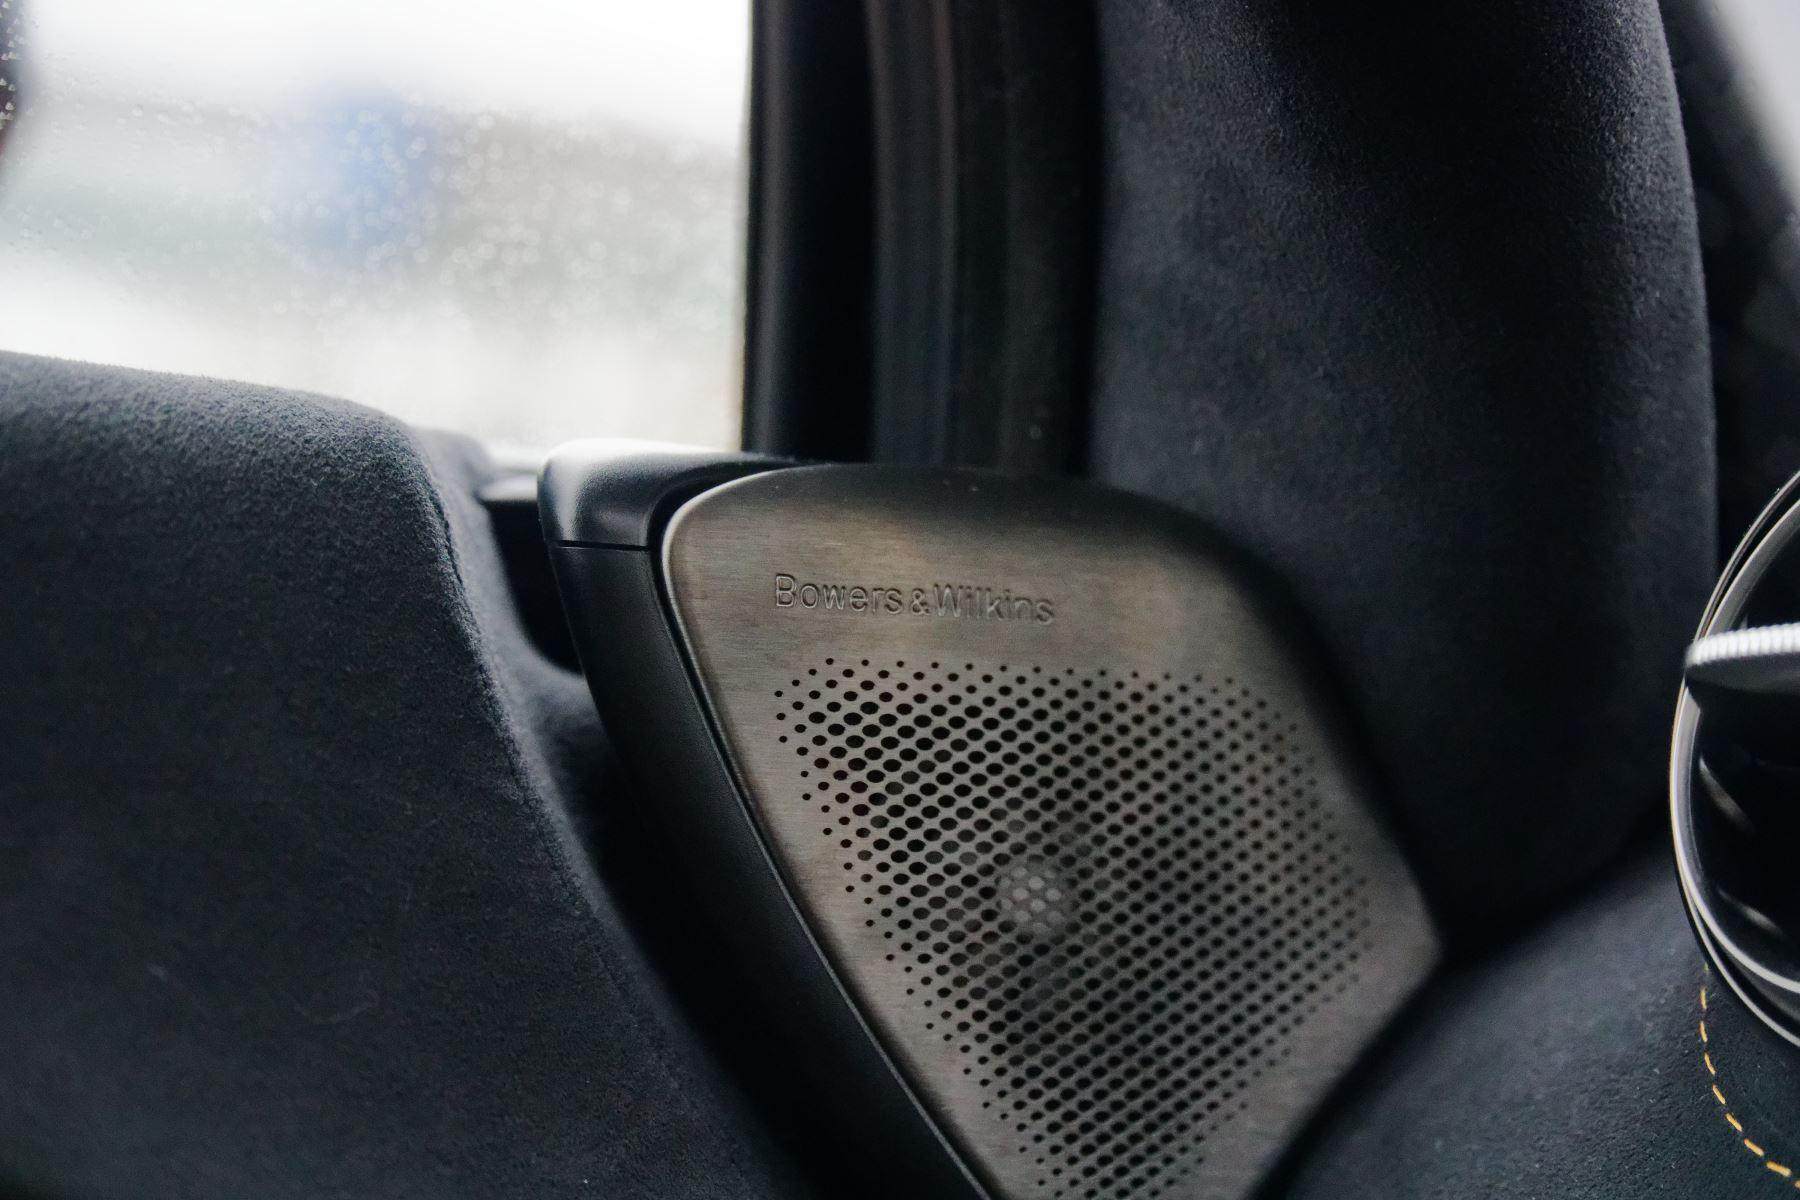 McLaren 720S Performance image 9